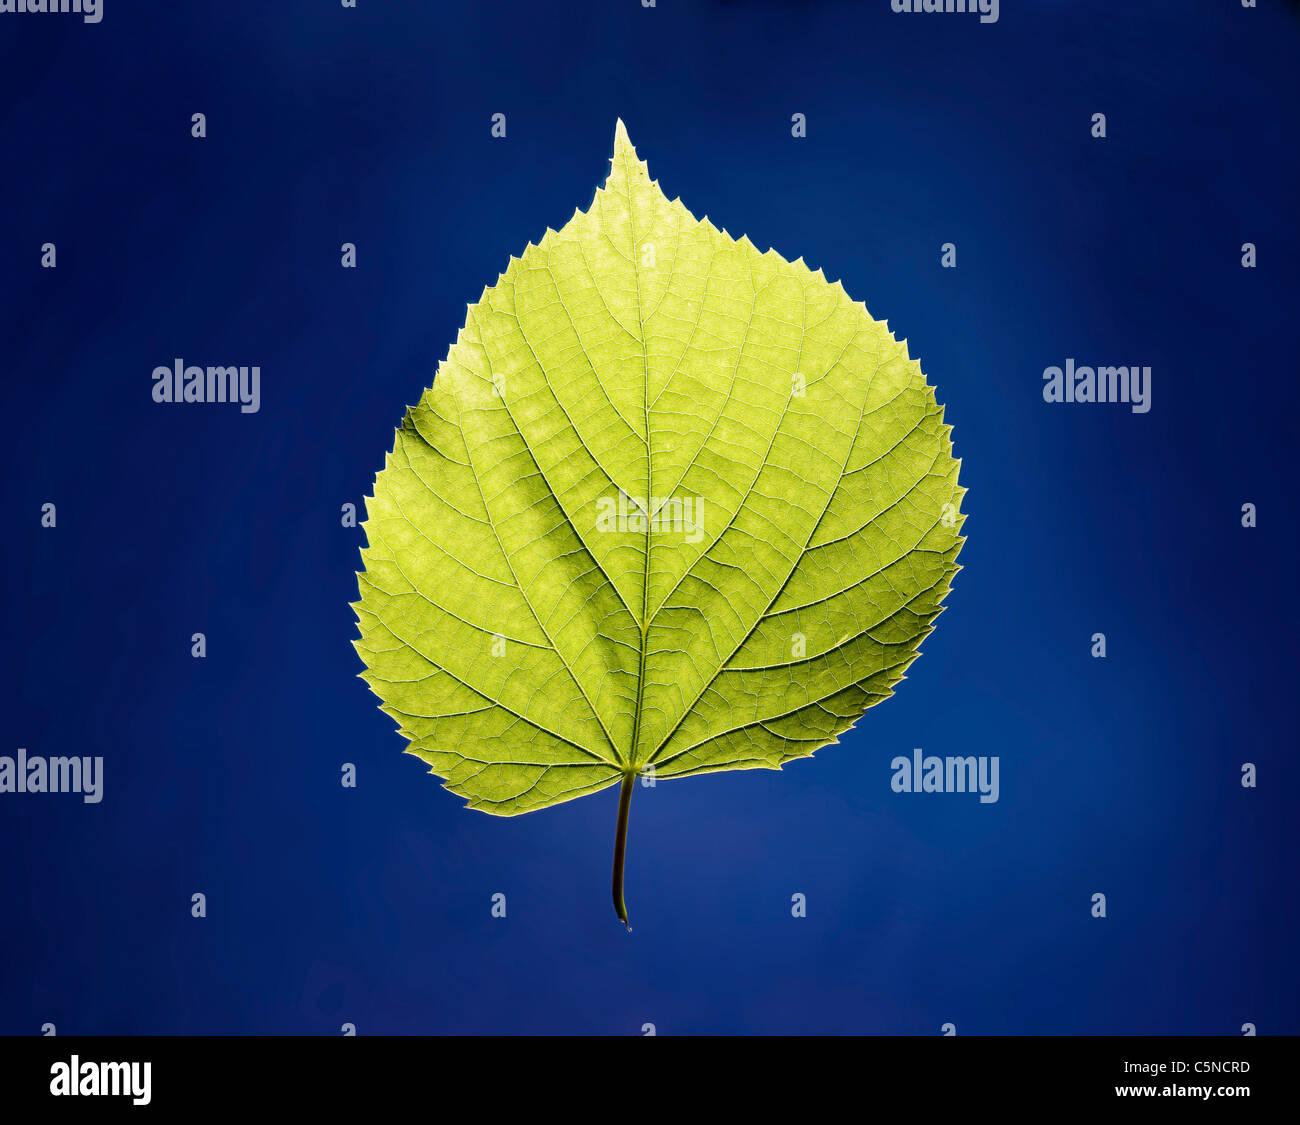 Ein grünes Blatt auf eine blaue Fläche Stockbild